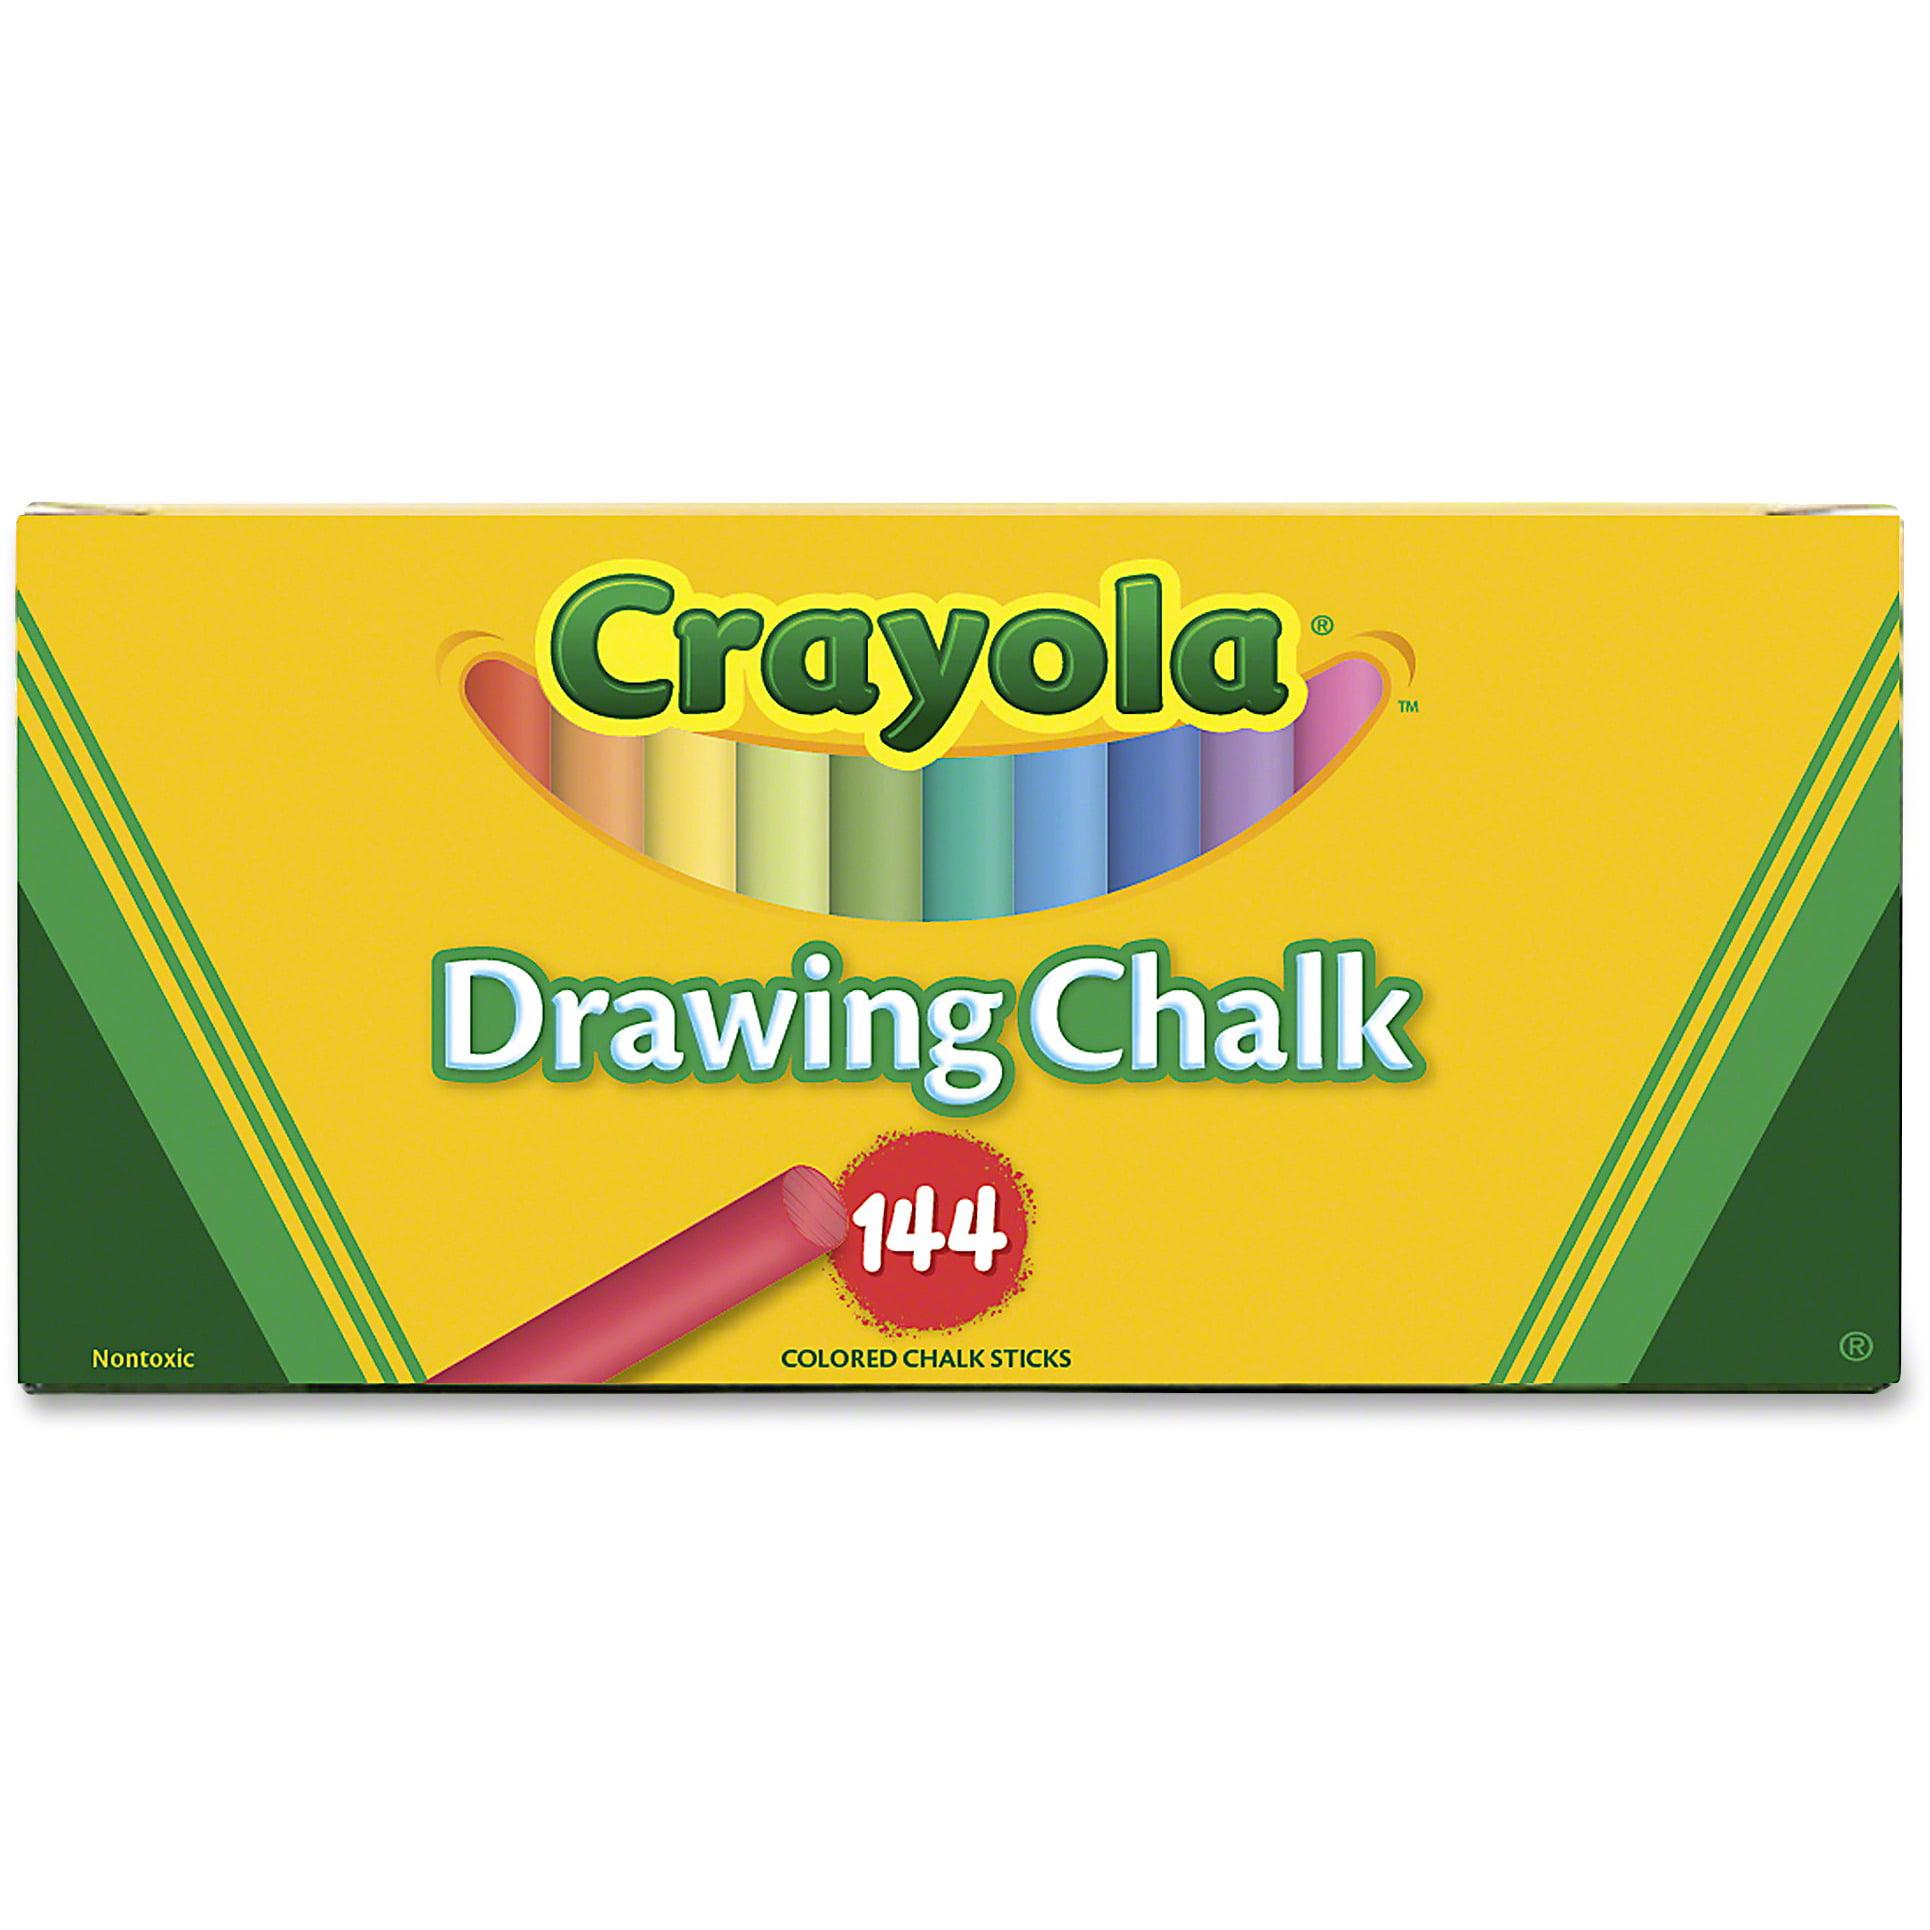 Crayola Colored Drawing Chalk Sticks by Crayola, LLC